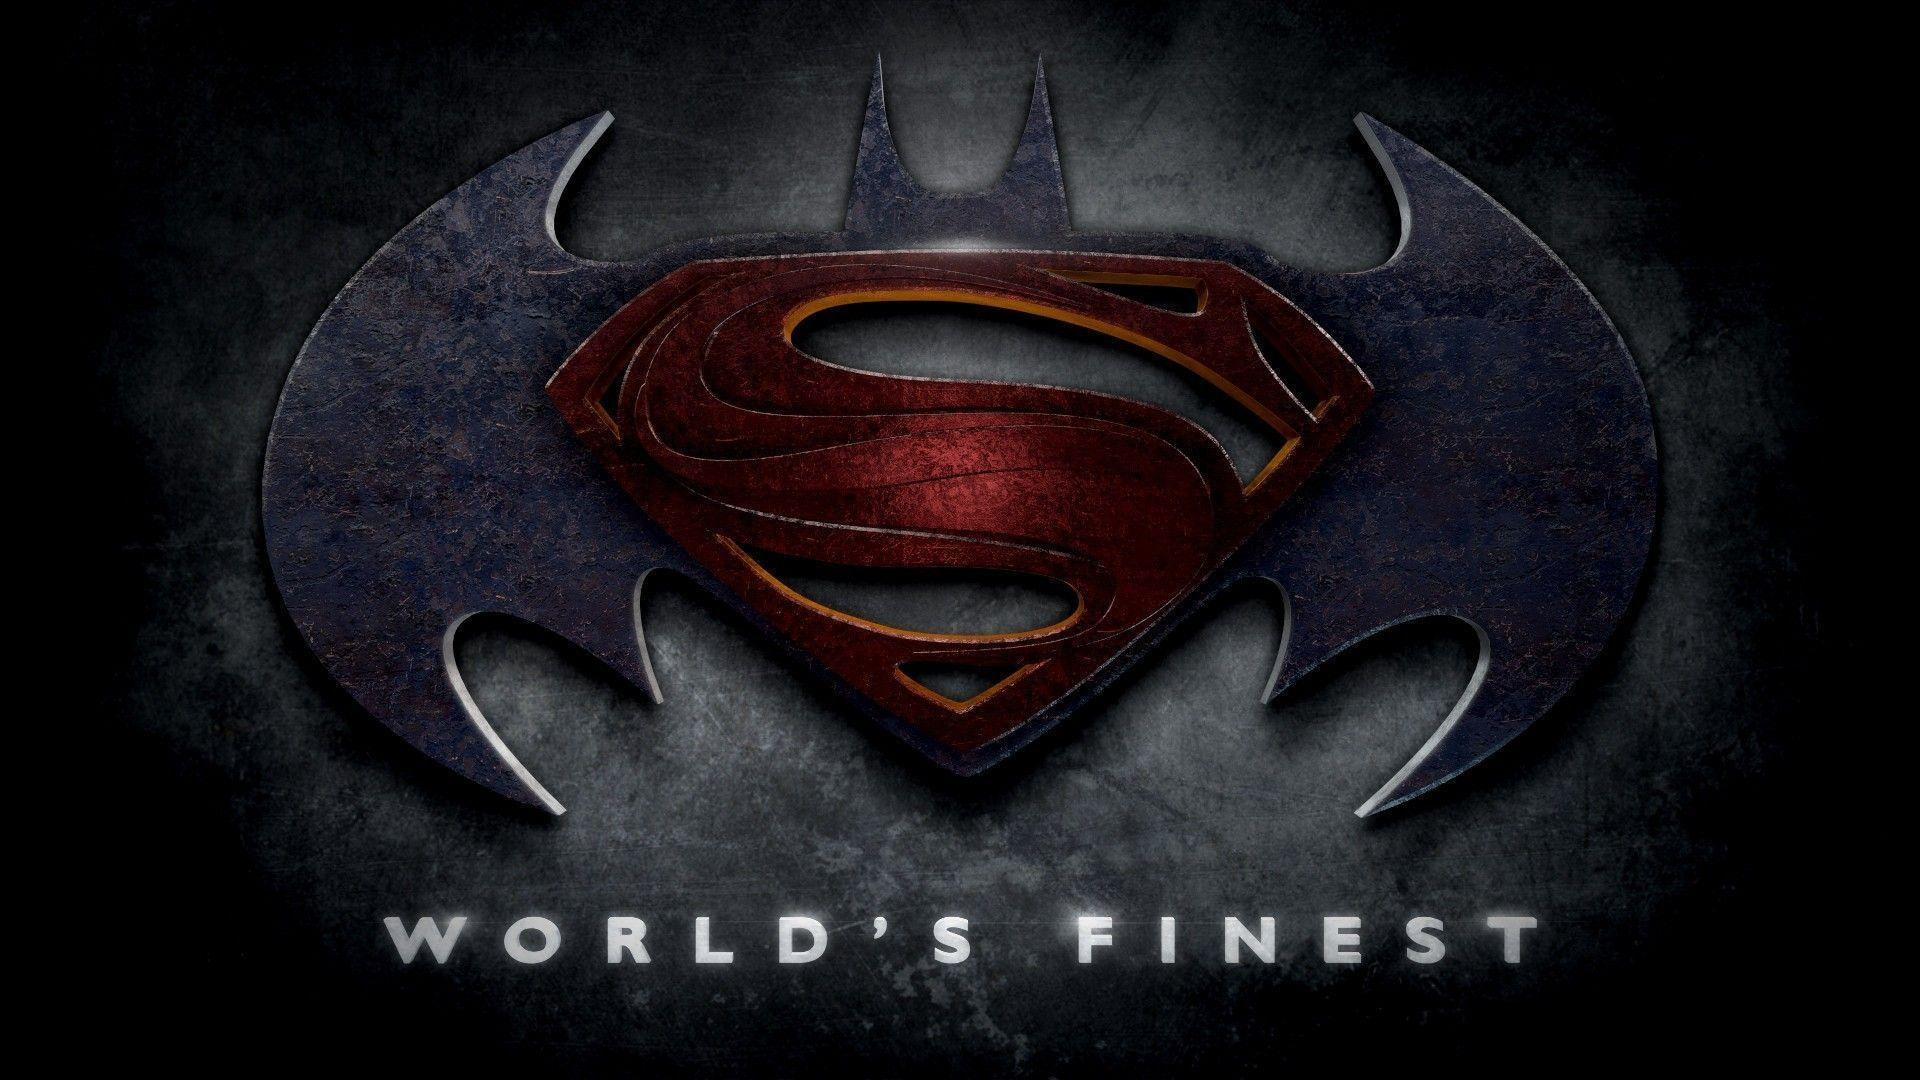 superman and batman logo wallpapers wallpaper cave